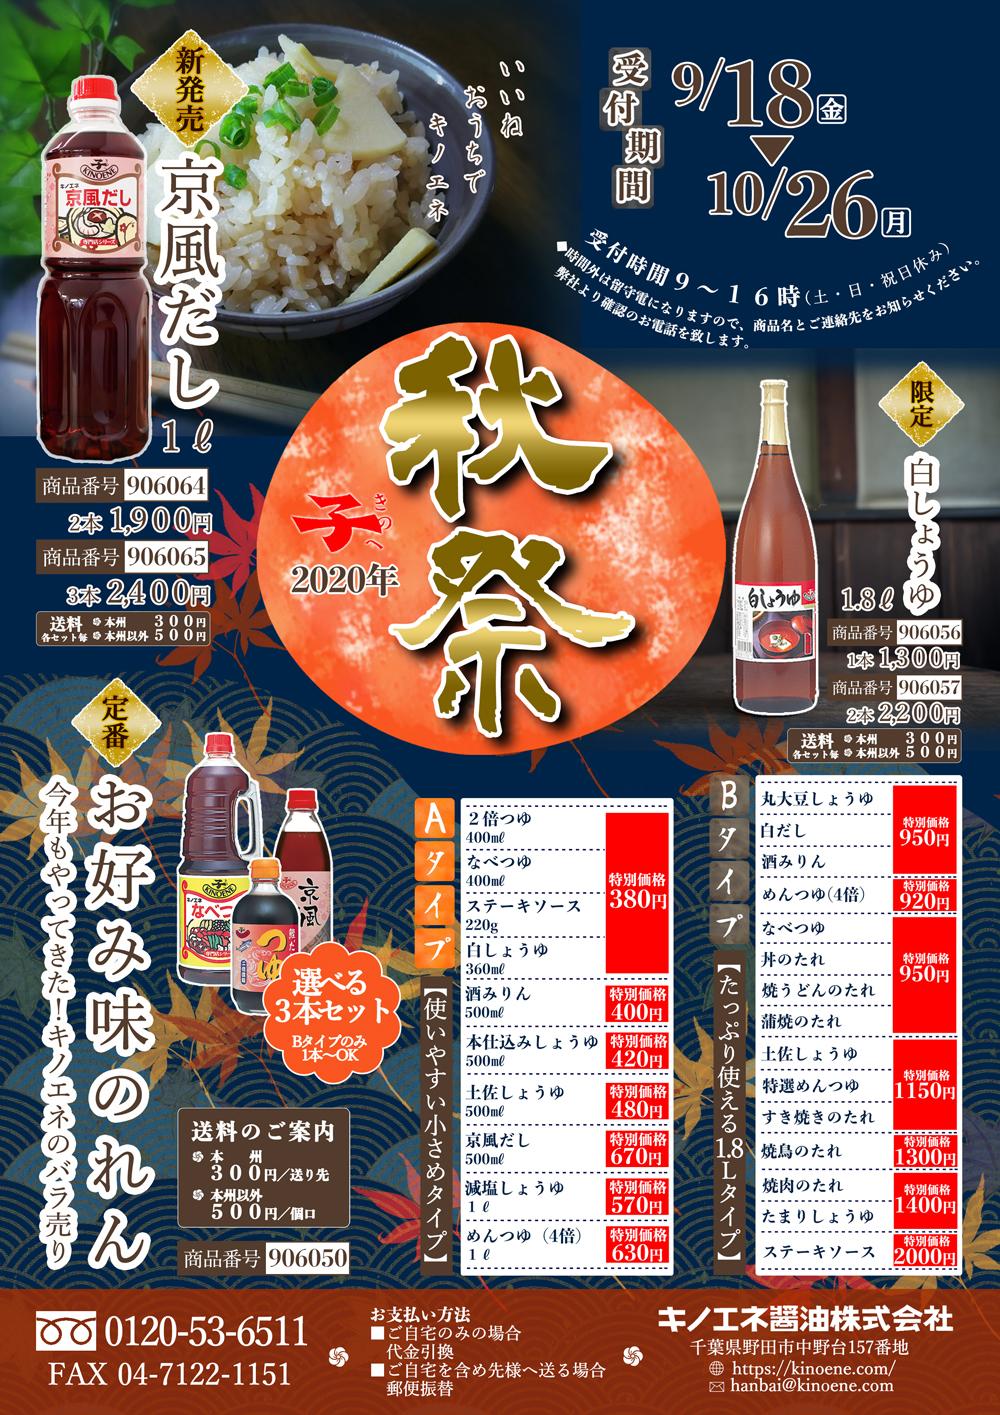 2020 キノエネ 秋キャンペーン 【お得意様限定】